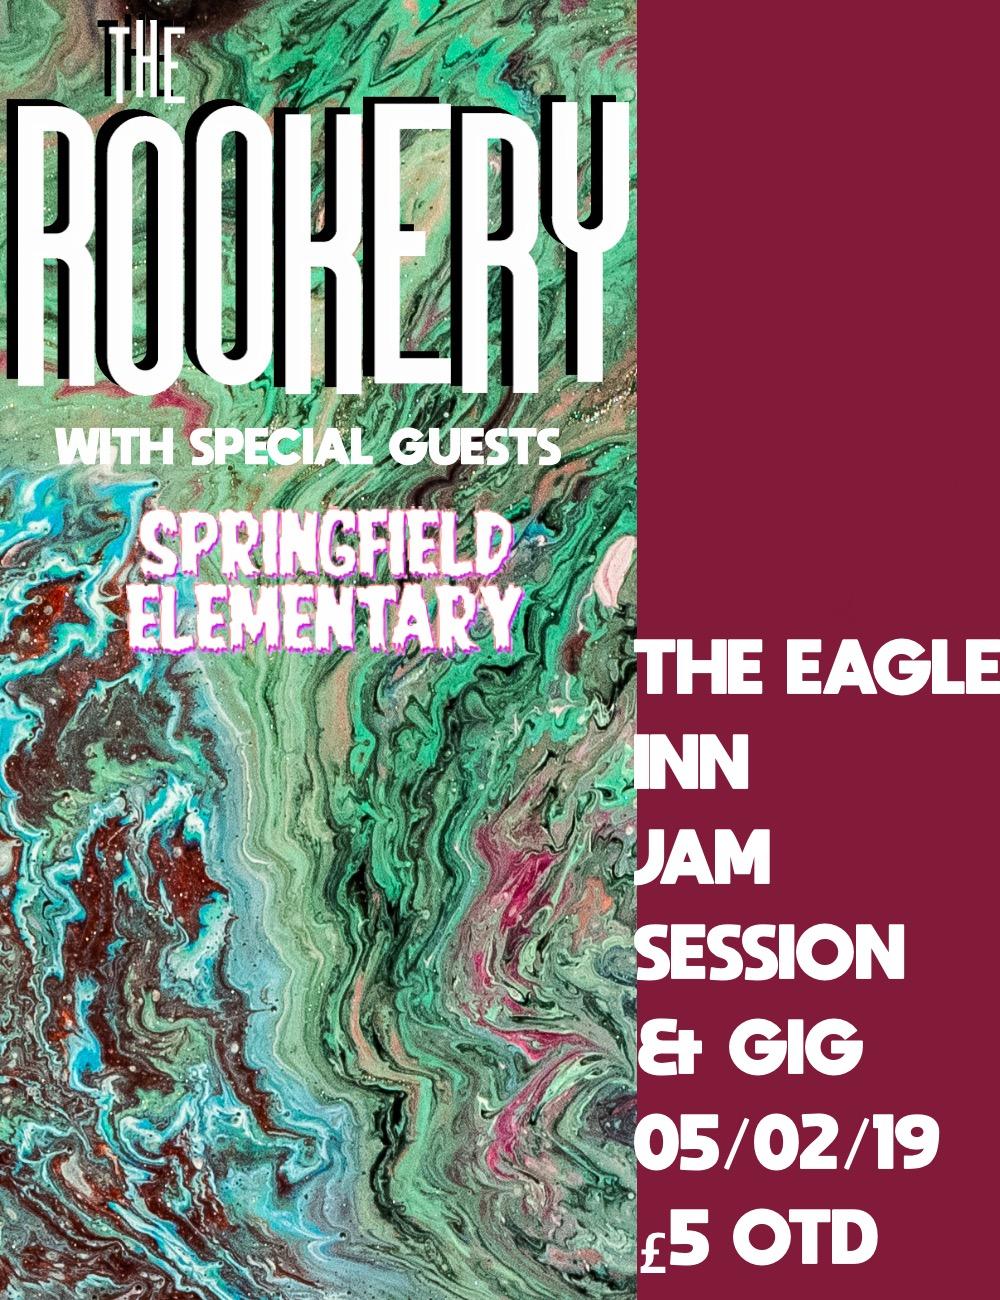 Eagle Inn 05.02 poster 2.jpg